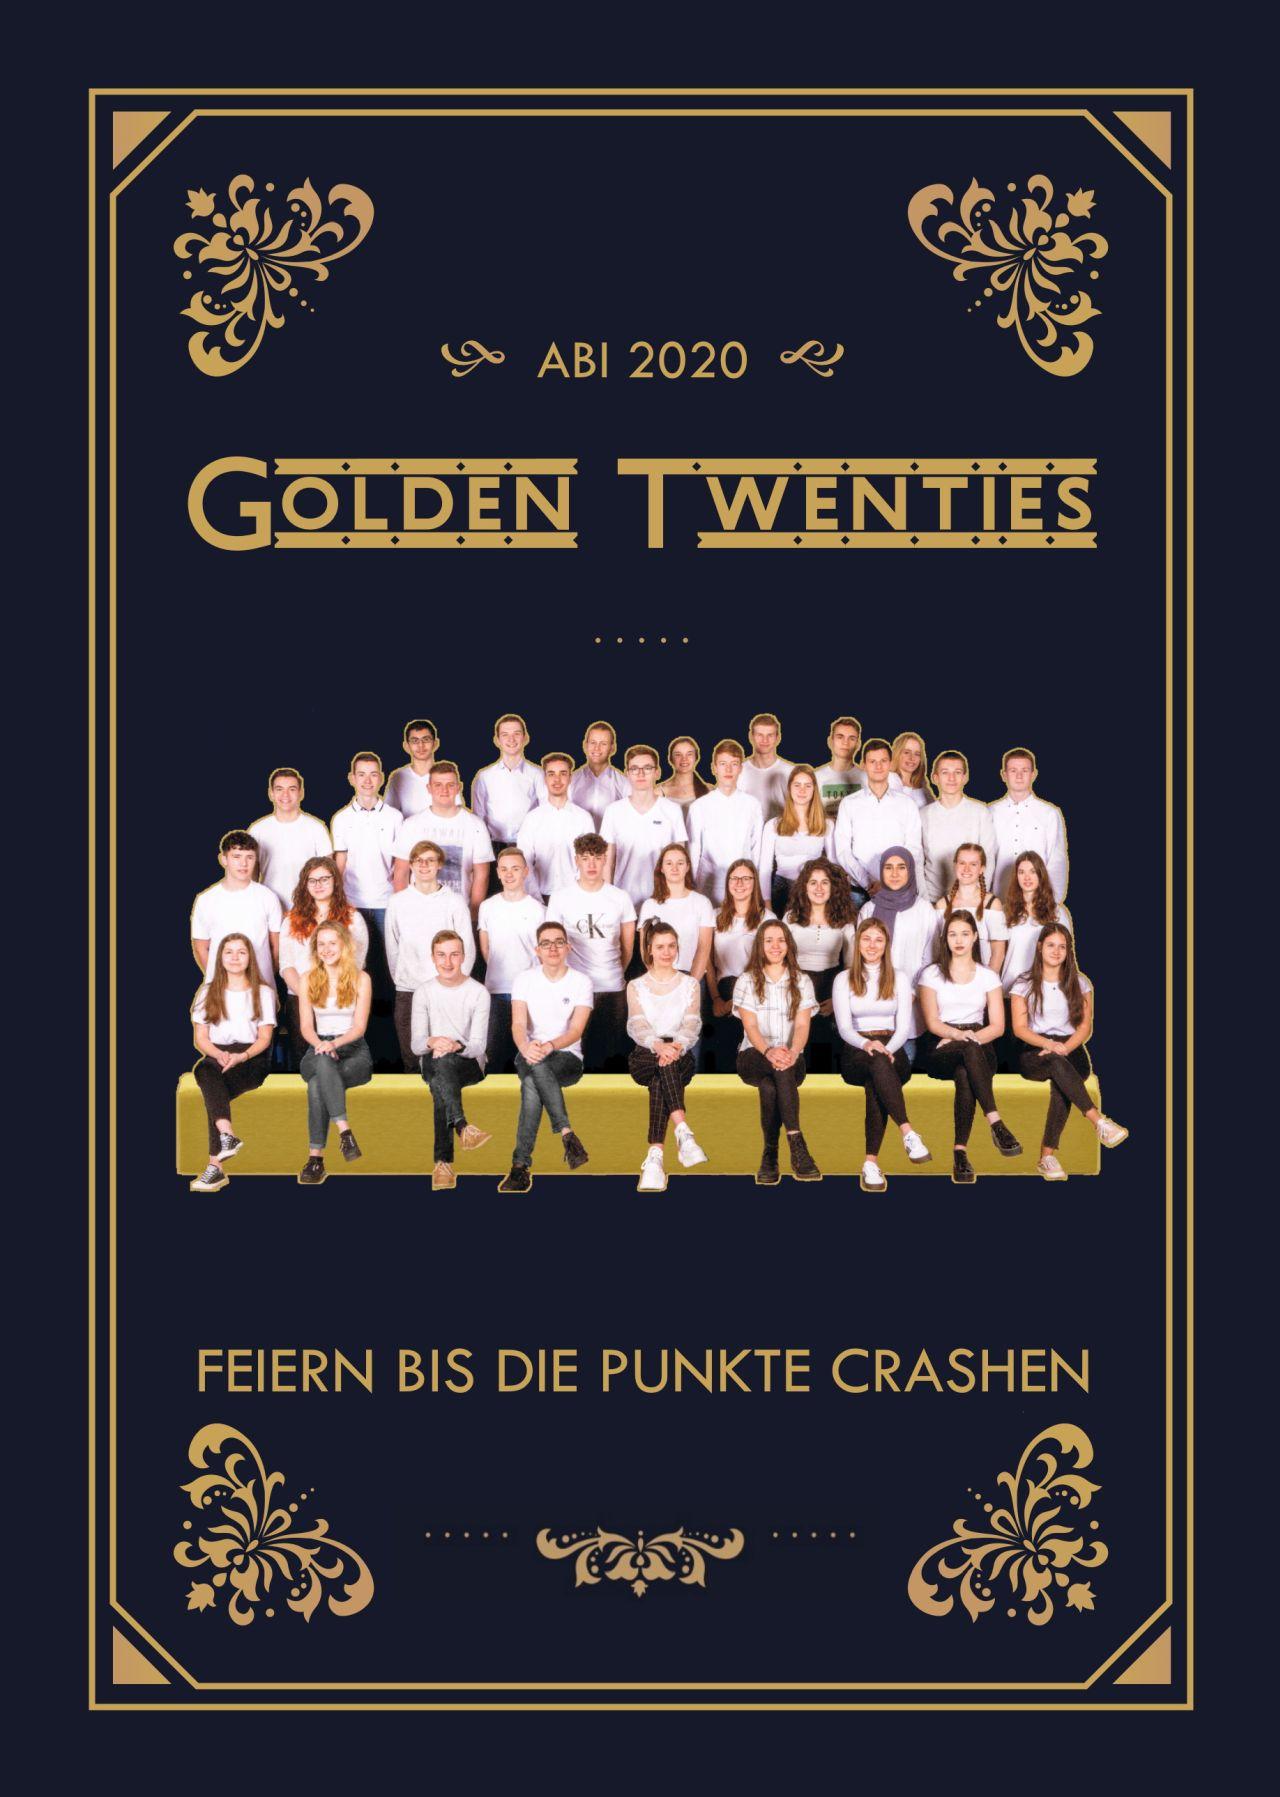 Abizeitung 2020